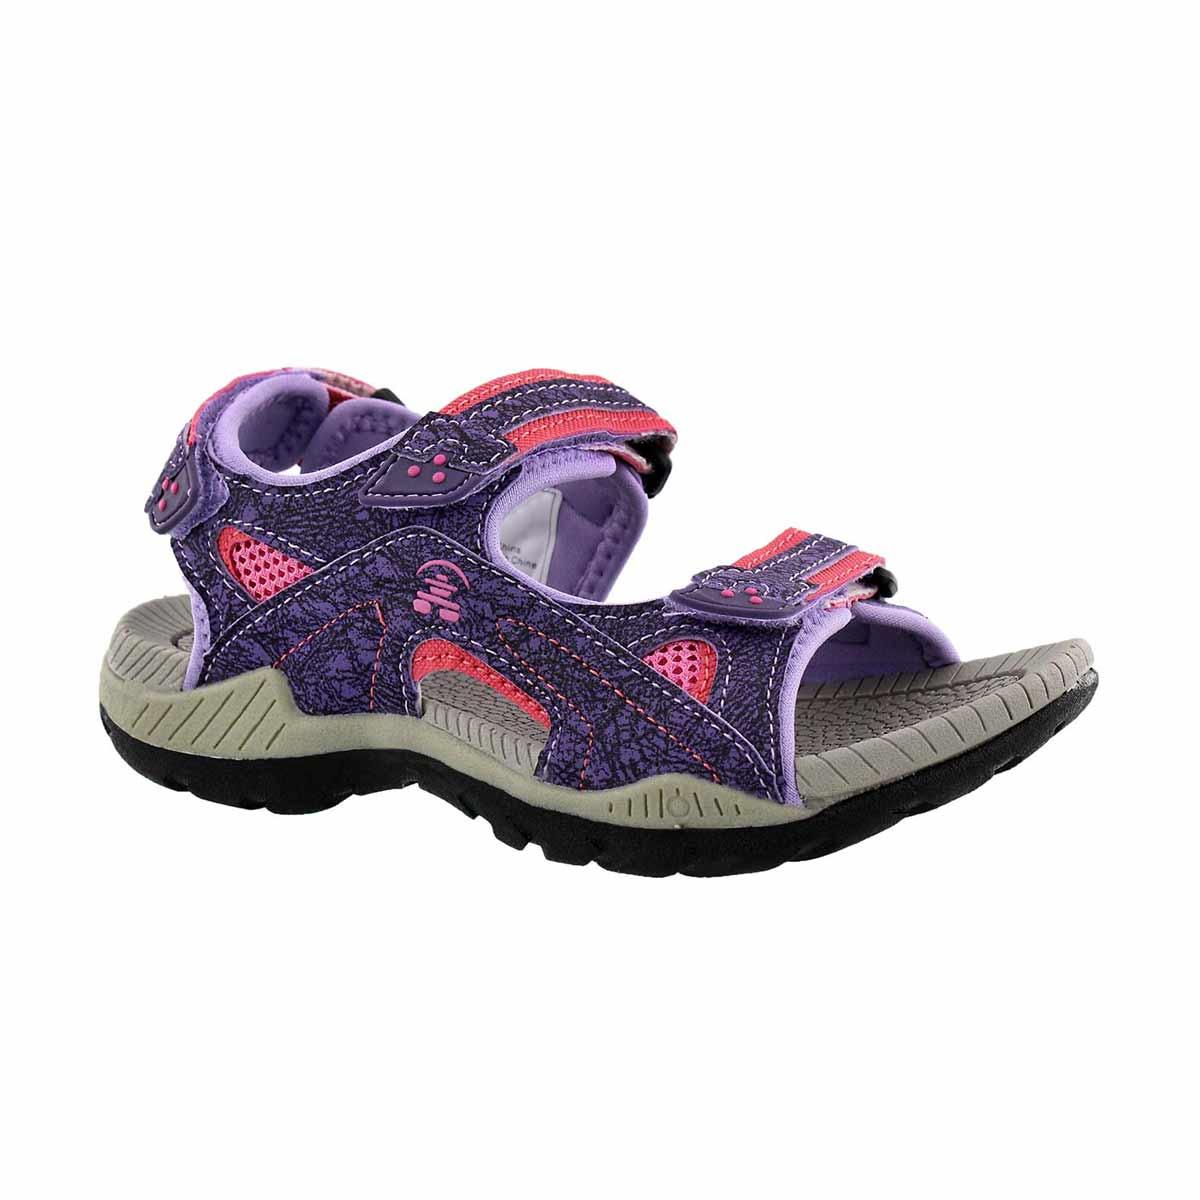 Girls LOBSTER purple 3 strap sport sandal